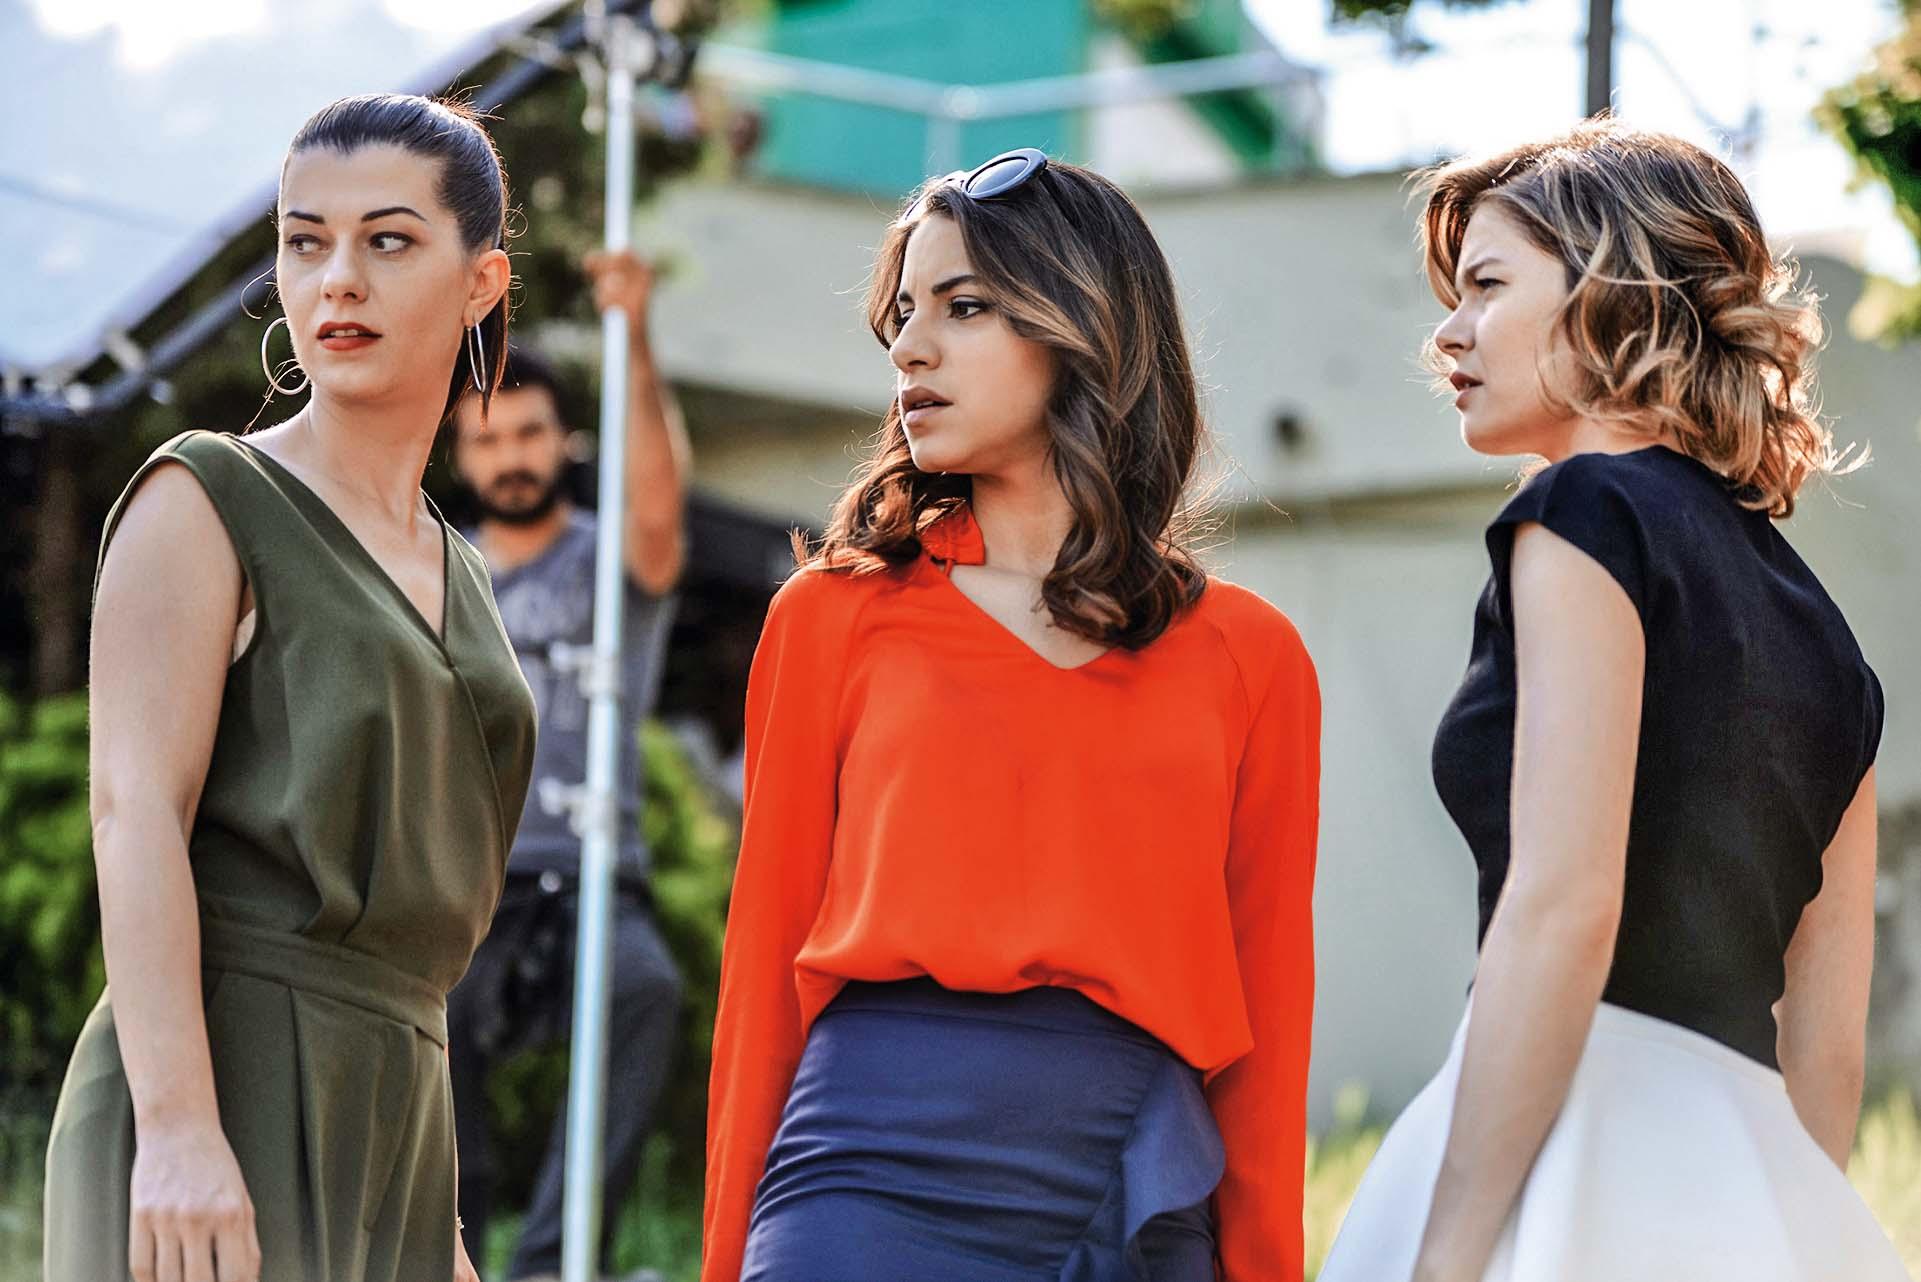 """U """"Djevojci sa sela"""" pojavila se nedavno u ulozi lukave Nurgul, uz Almilu Bagriacik i Burcu Biricik"""